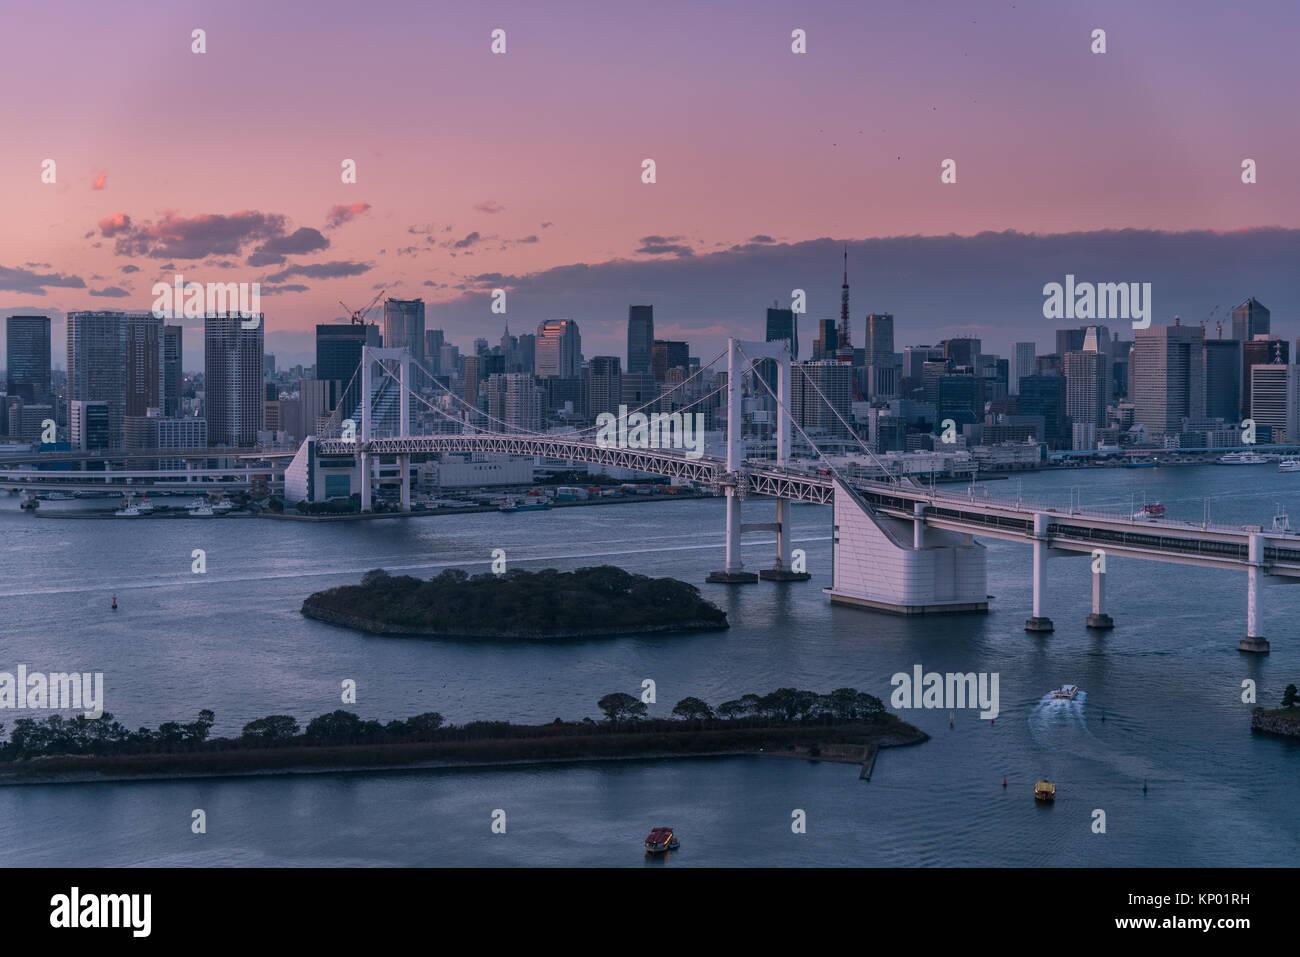 Pont en arc-en-ciel et vue sur la ville de Tokyo avant le soir. Photo Stock